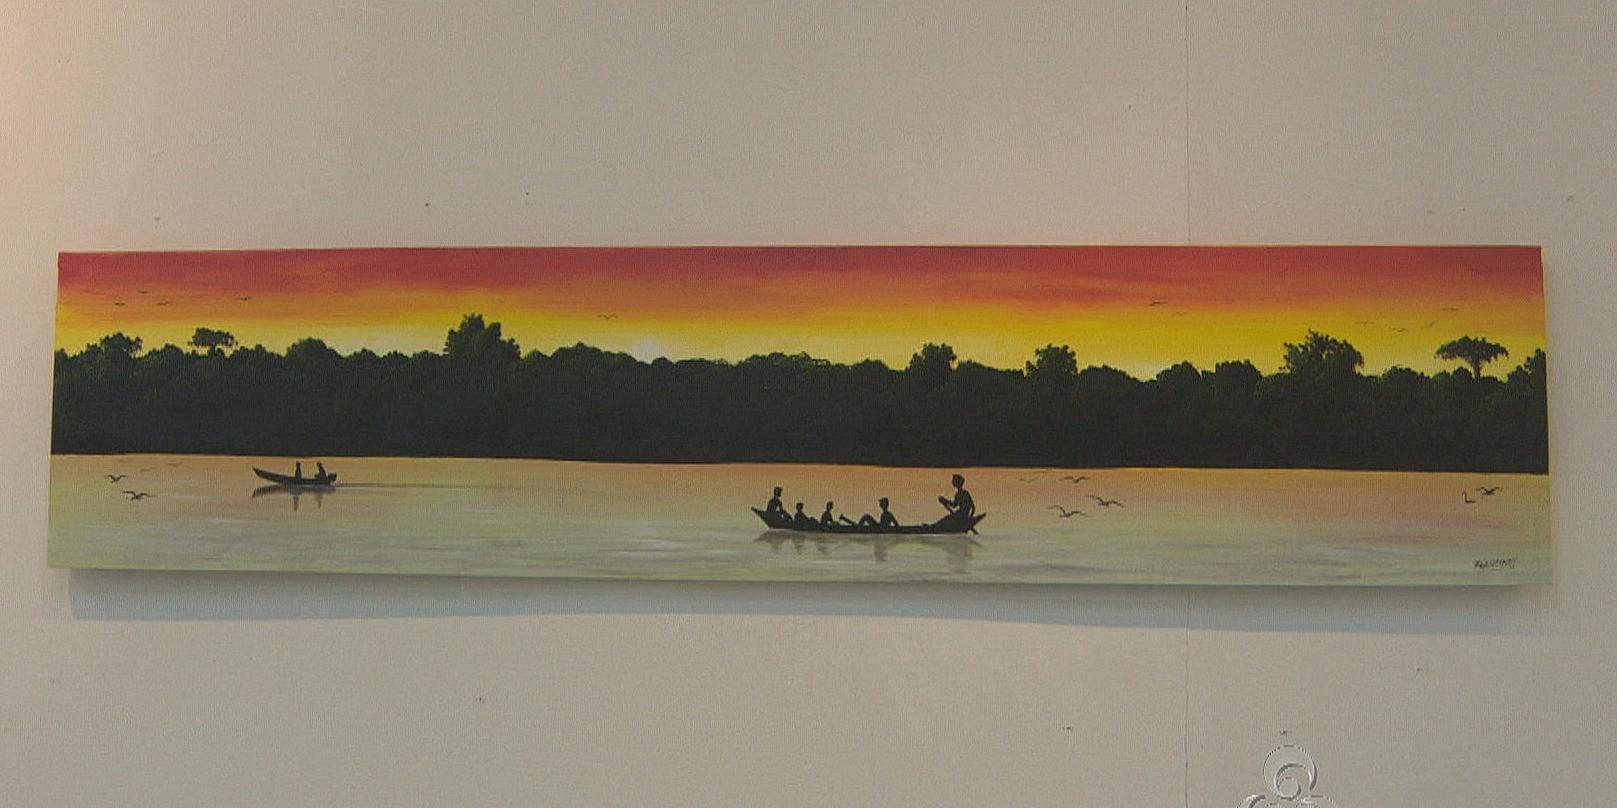 Quadro em exposição na Casa da Cultura Ivan Marrocos (Foto: Amazônia TV)